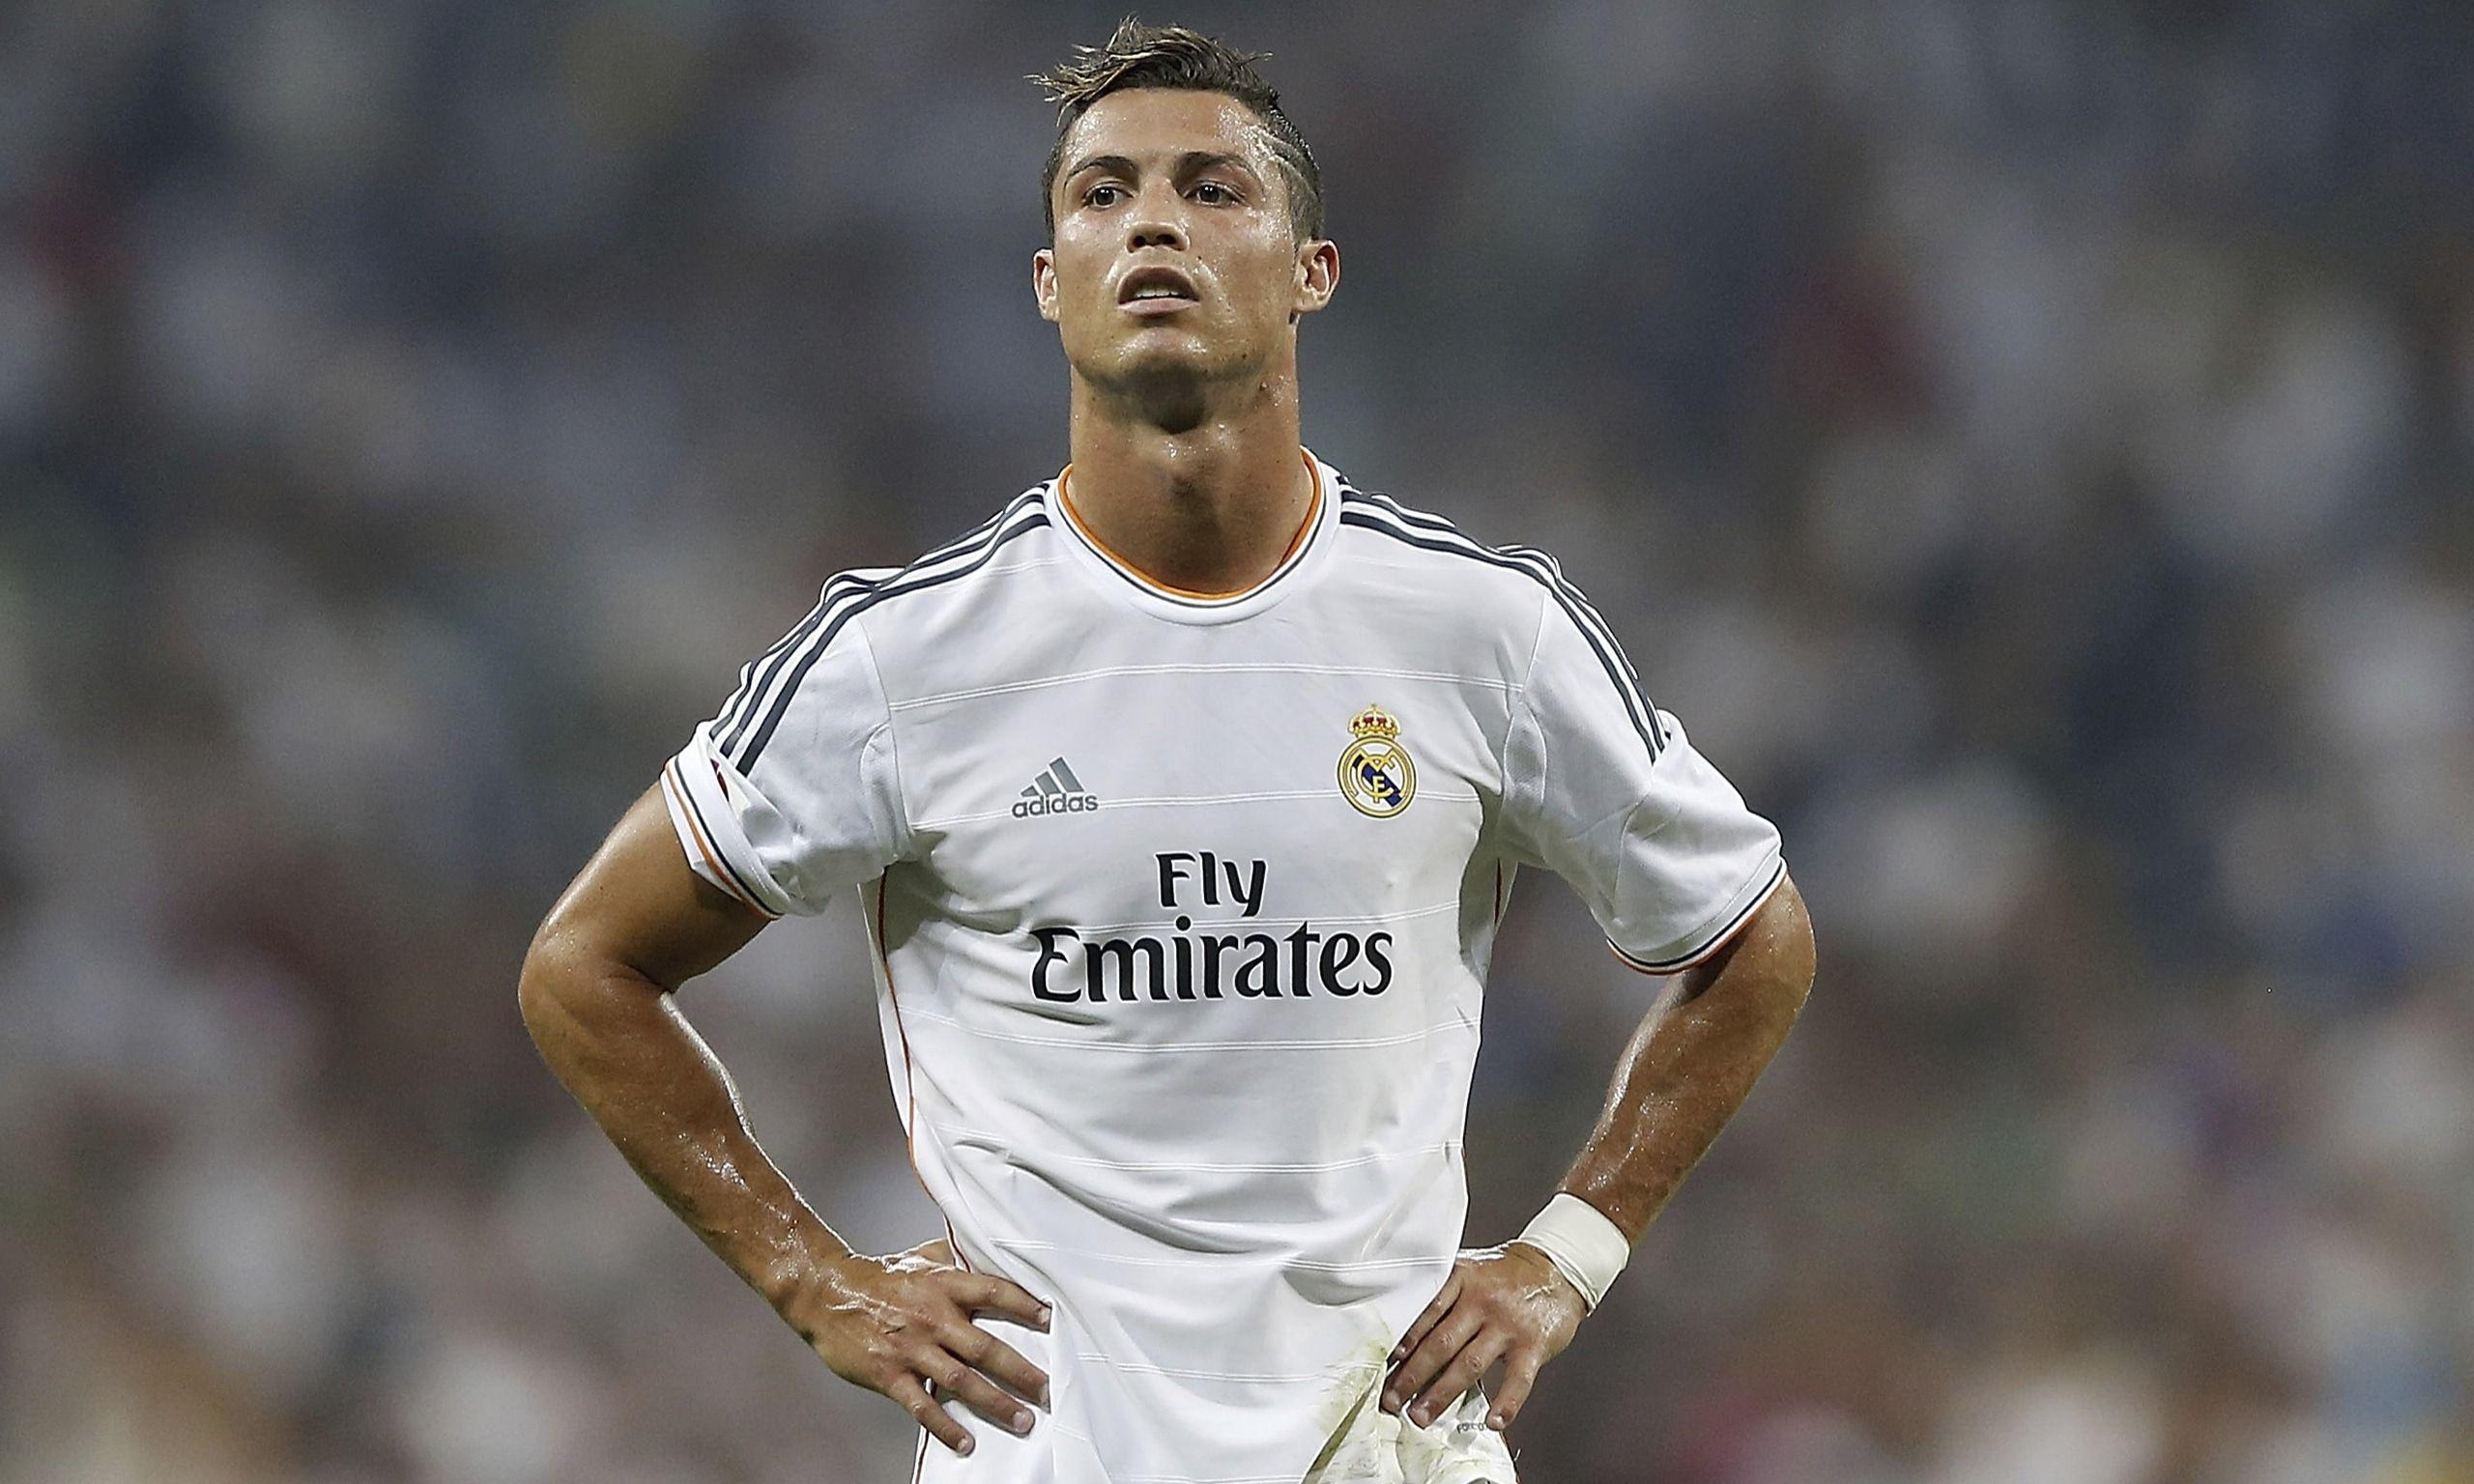 Cristiano Ronaldo y su futuro en el Real Madrid: Me quedan dos años y después se verá